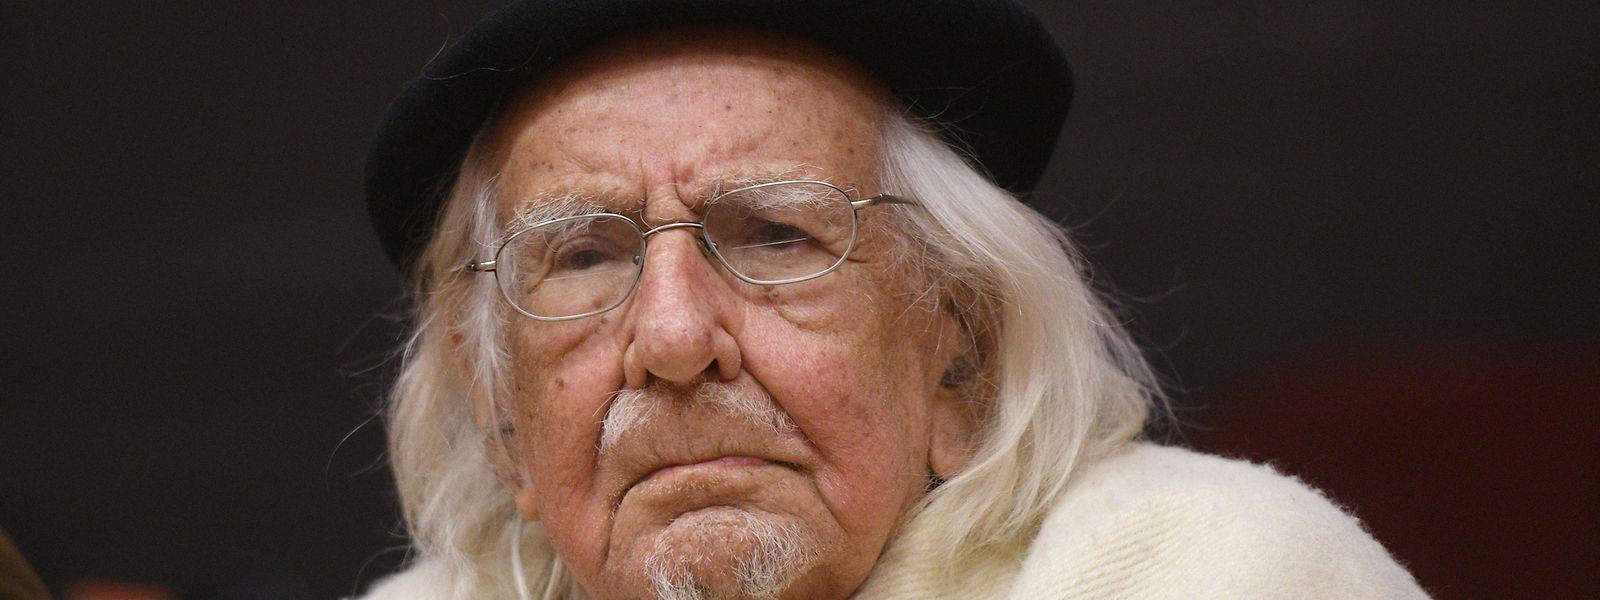 Ernesto Cardenal, nicaraguanischer Dichter und Theologe, ist im Alter von 95 Jahren gestorben.